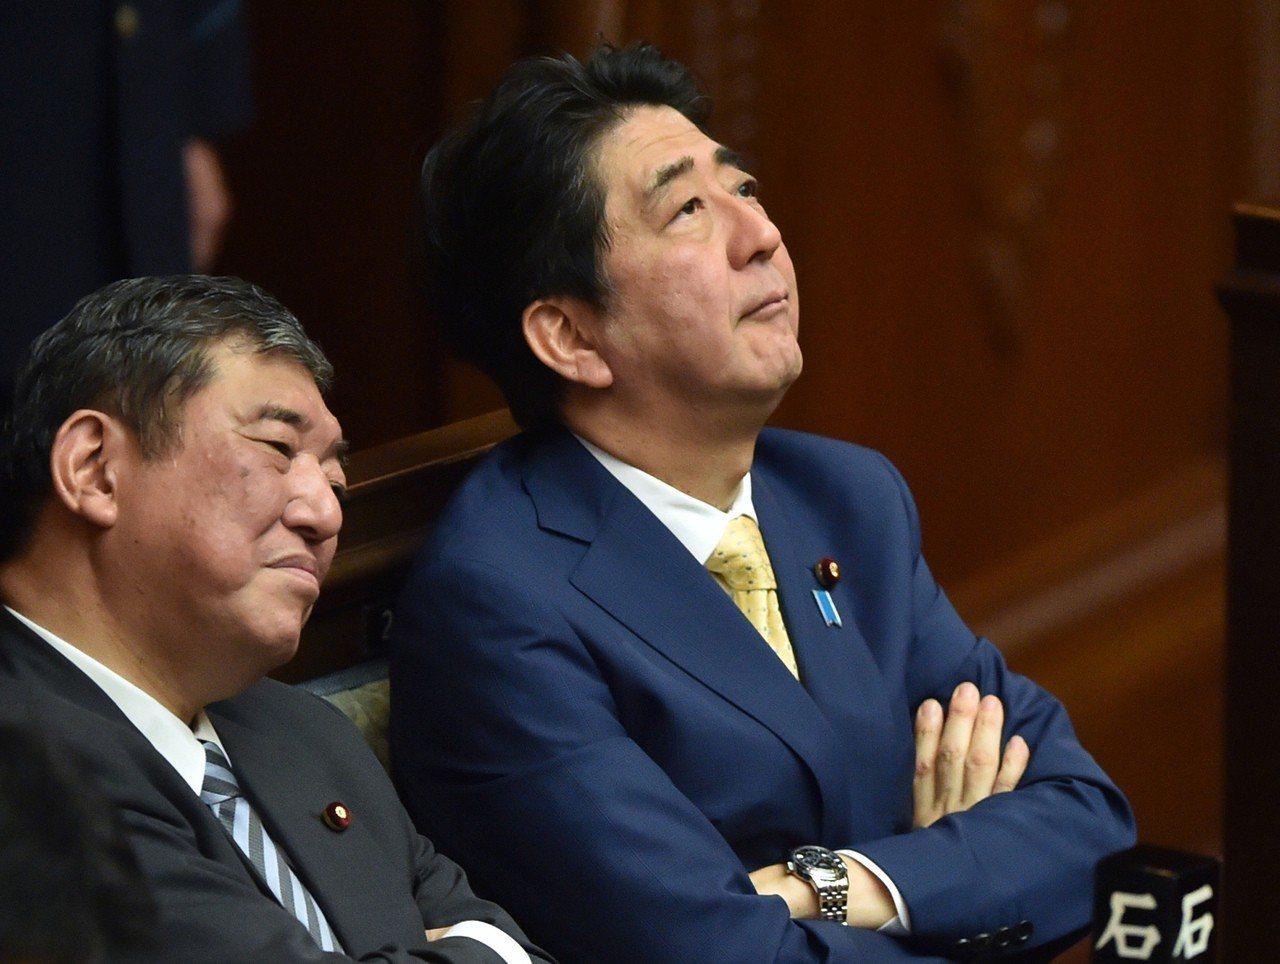 日本首相安倍晉三(右)將在九月的自民黨總裁選舉中對決該黨前幹事長石破茂(左)。圖...